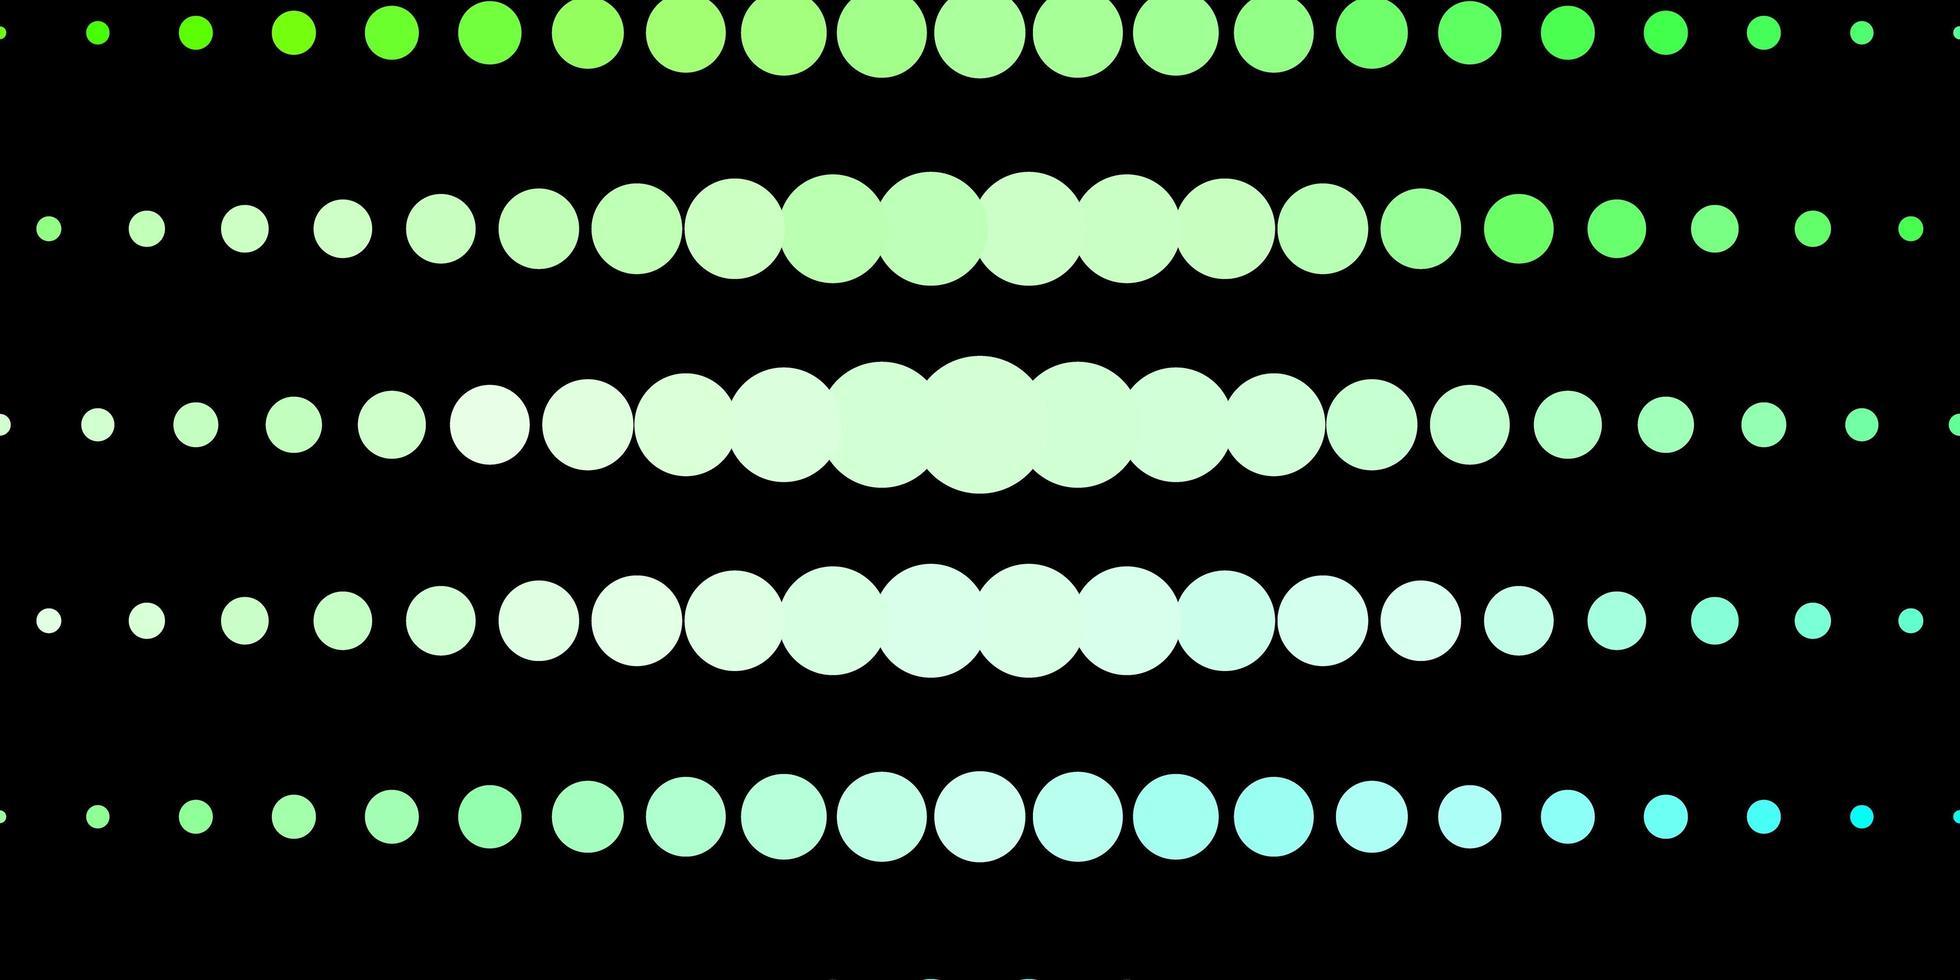 mörkgrön mall med cirklar. vektor